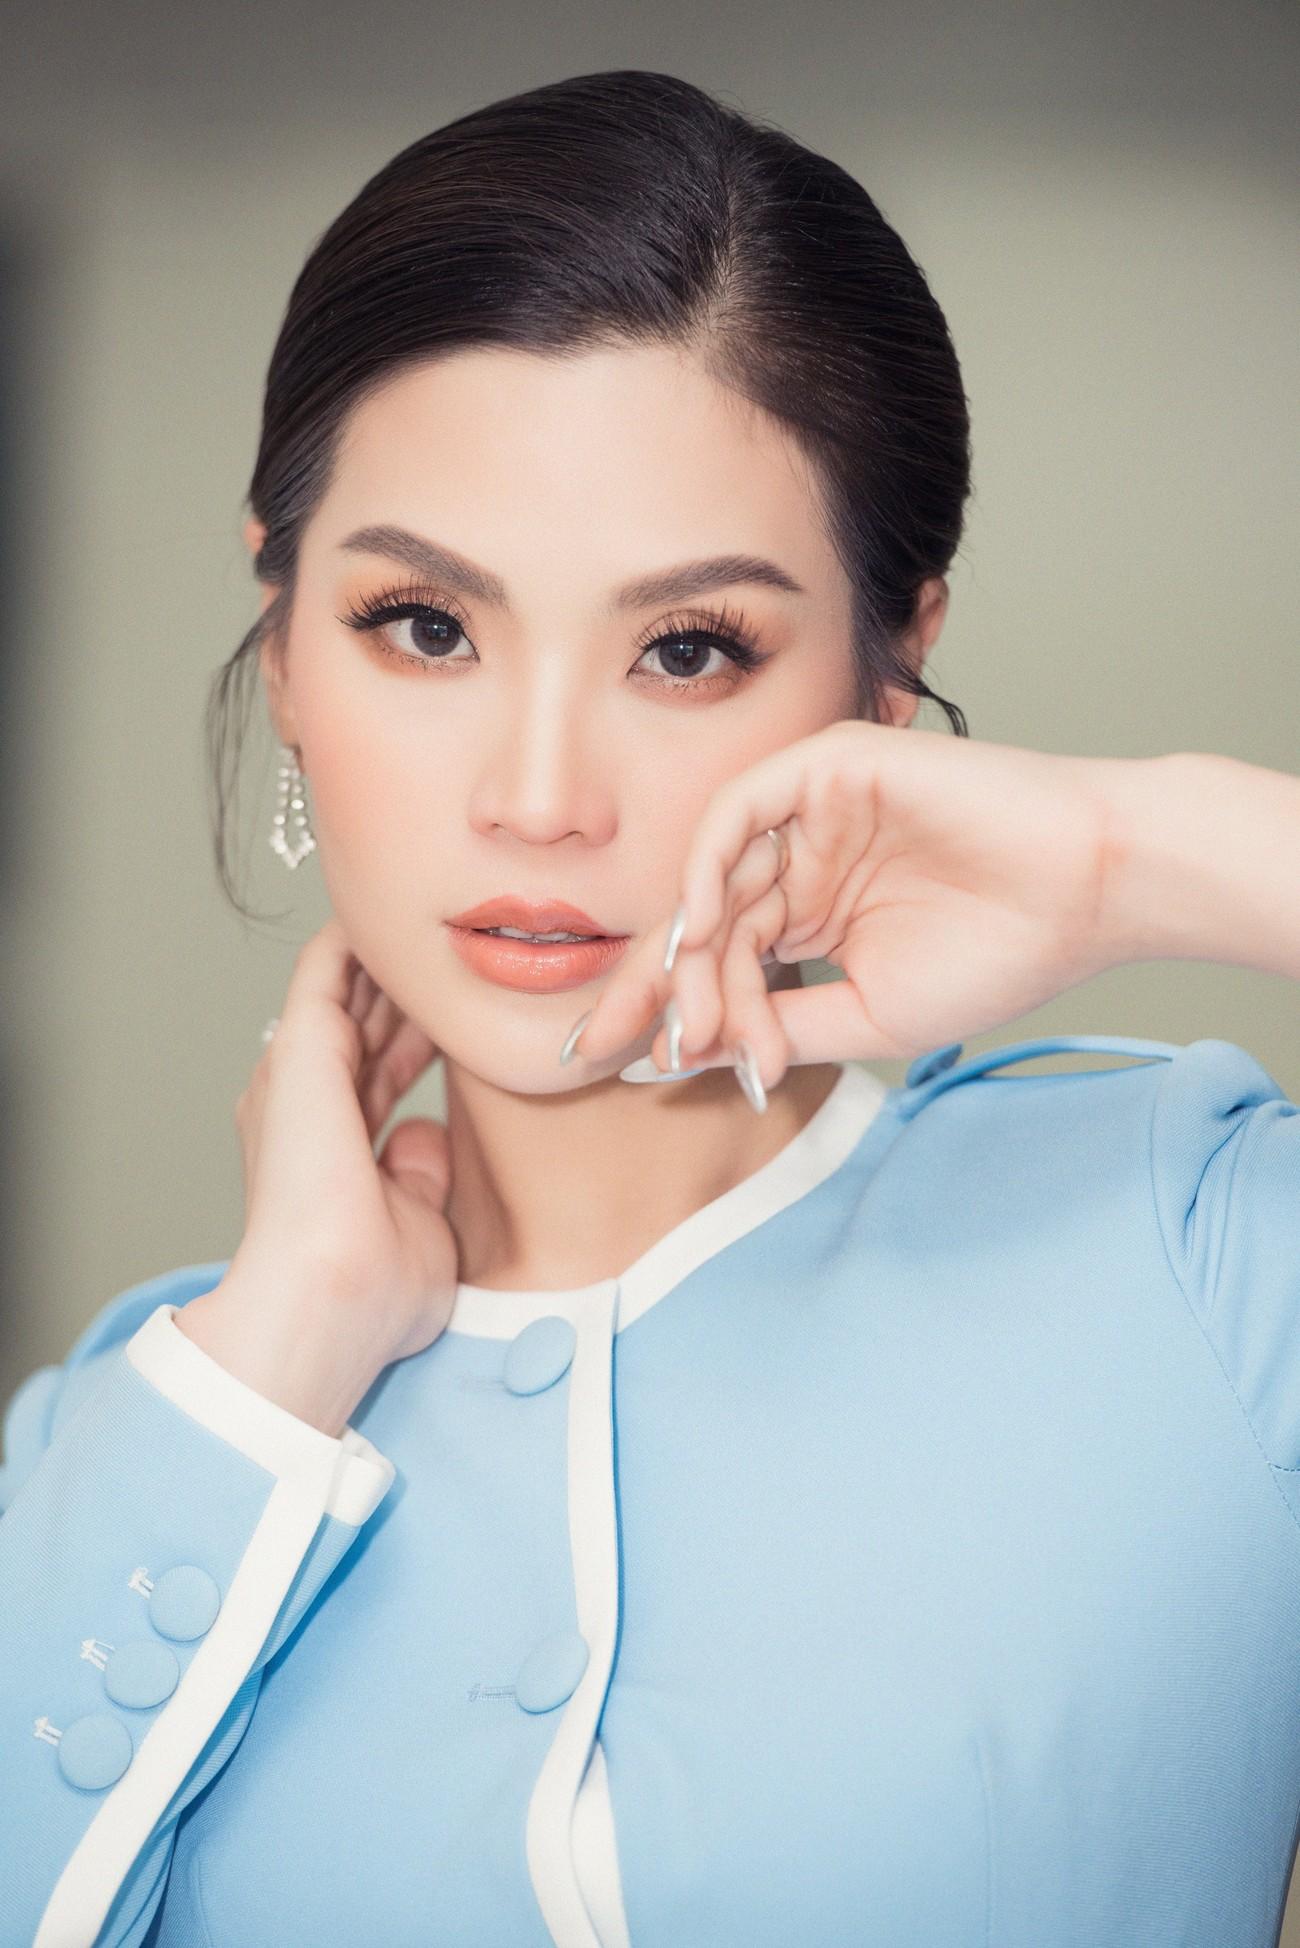 Nhan sắc các người đẹp giành giải 'Gương mặt đẹp nhất' tại Hoa hậu Việt Nam giờ ra sao? ảnh 9